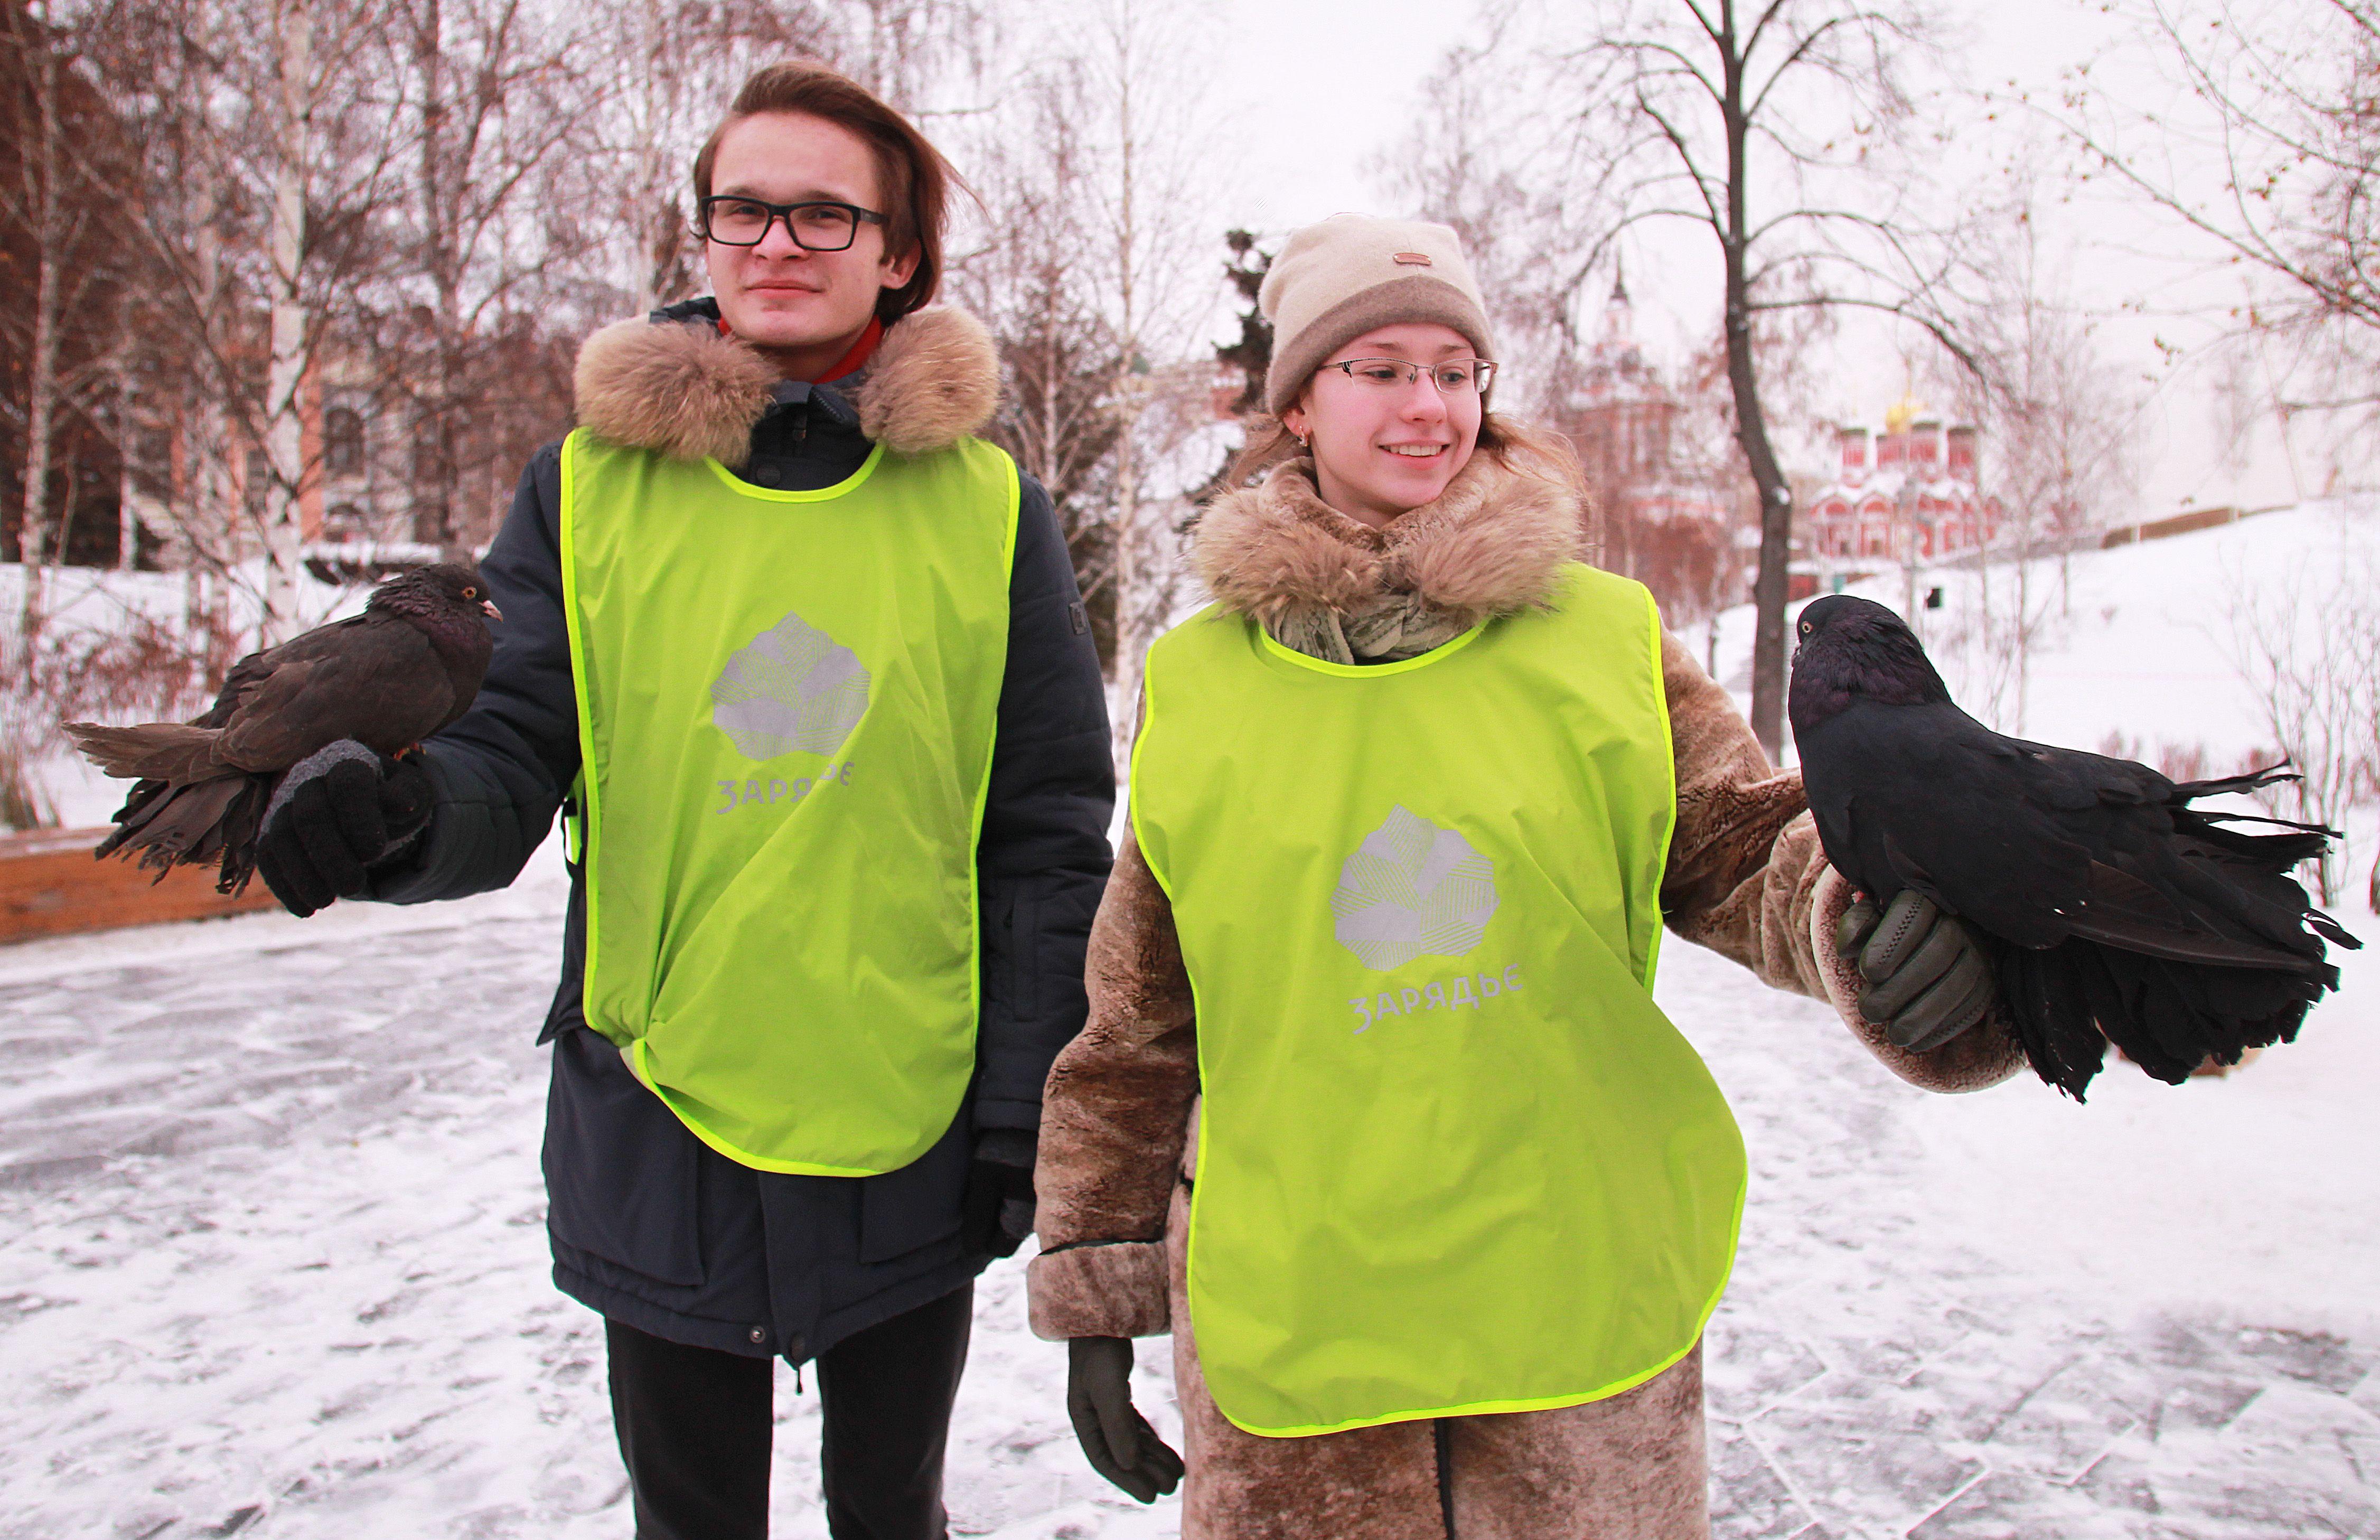 В Москве отметят день птиц квестами и мастер-классами